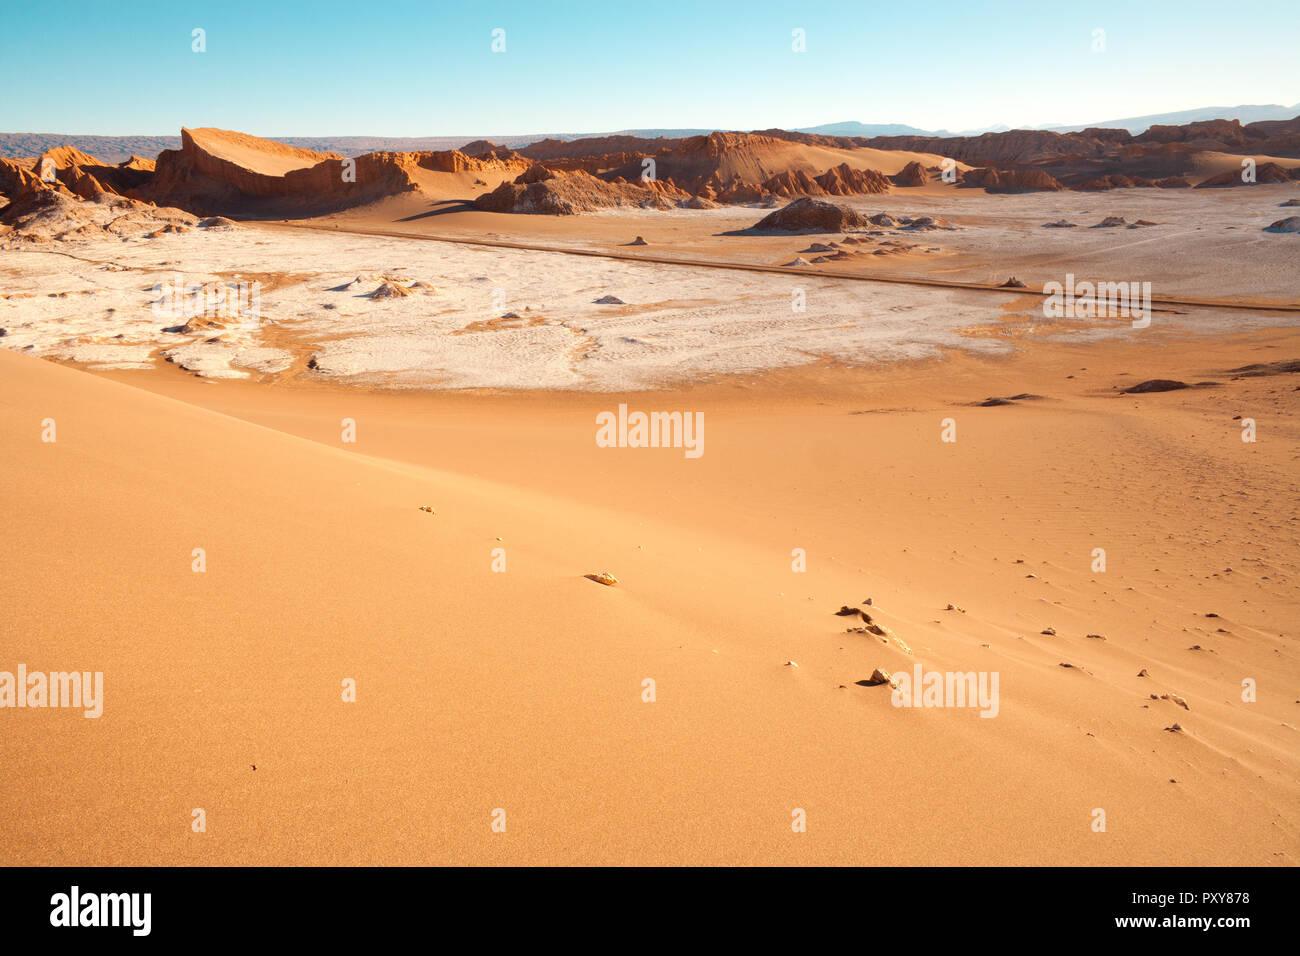 Road through The Moon Valley, Atacama Desert, Chile Stock Photo